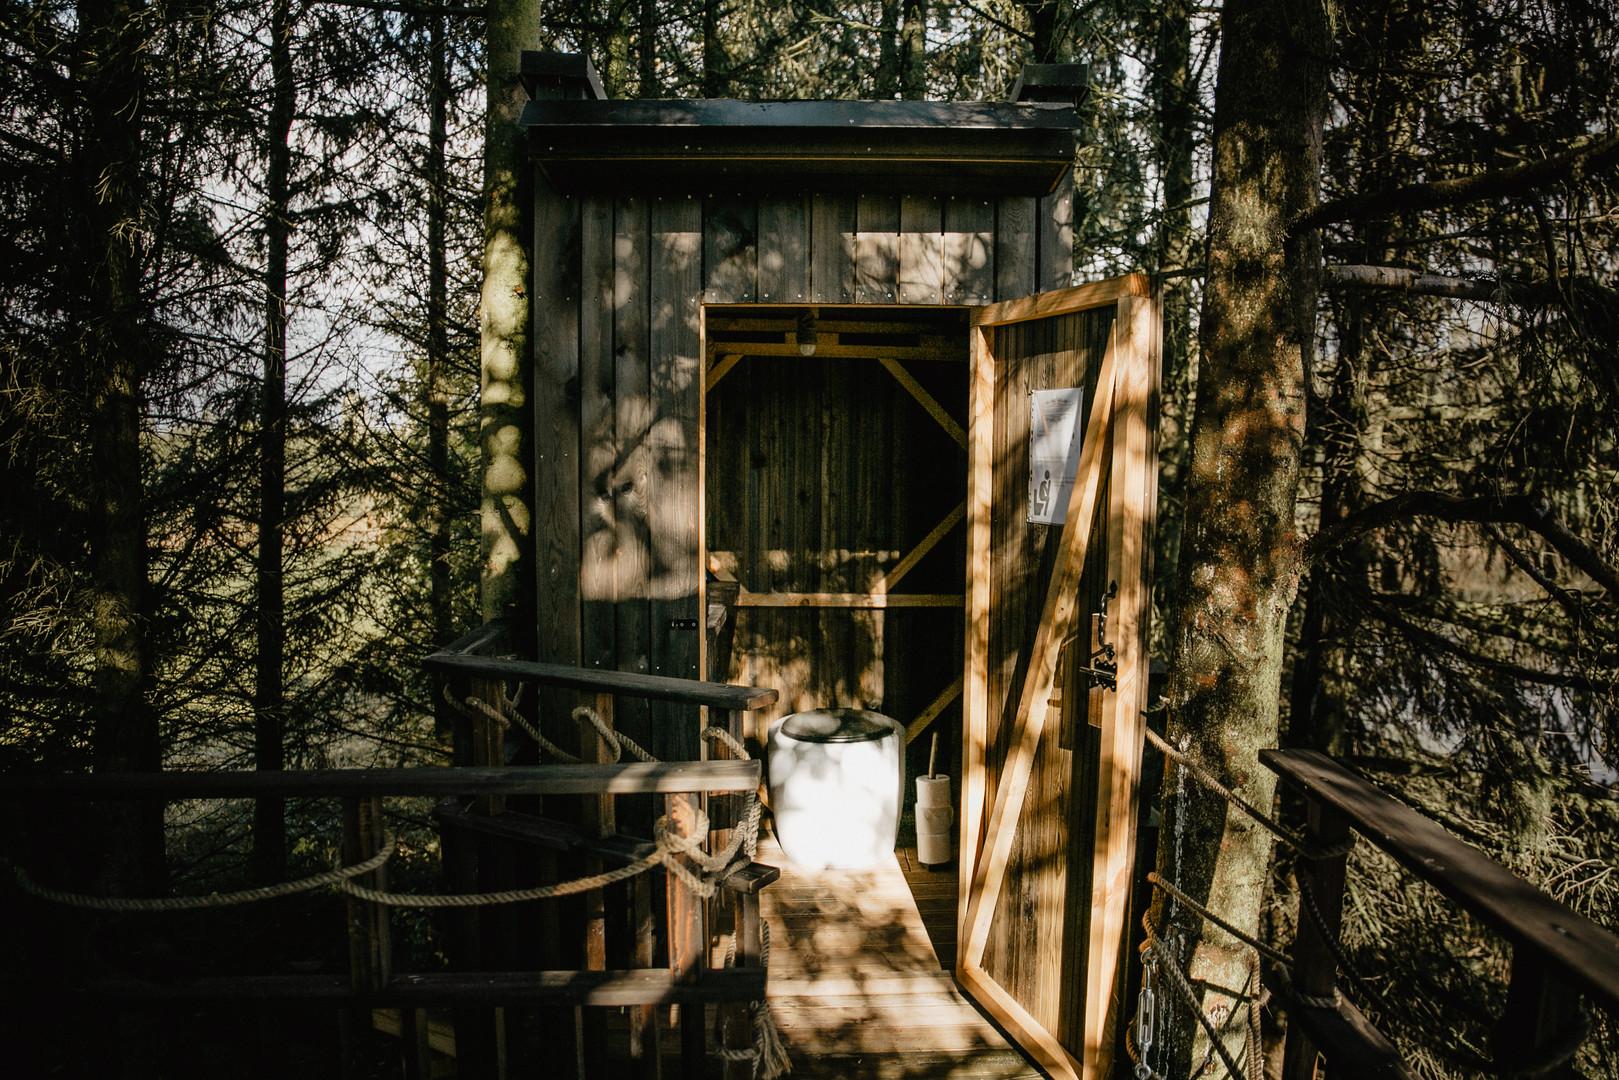 Paukščių namelis medyje - wc medyje